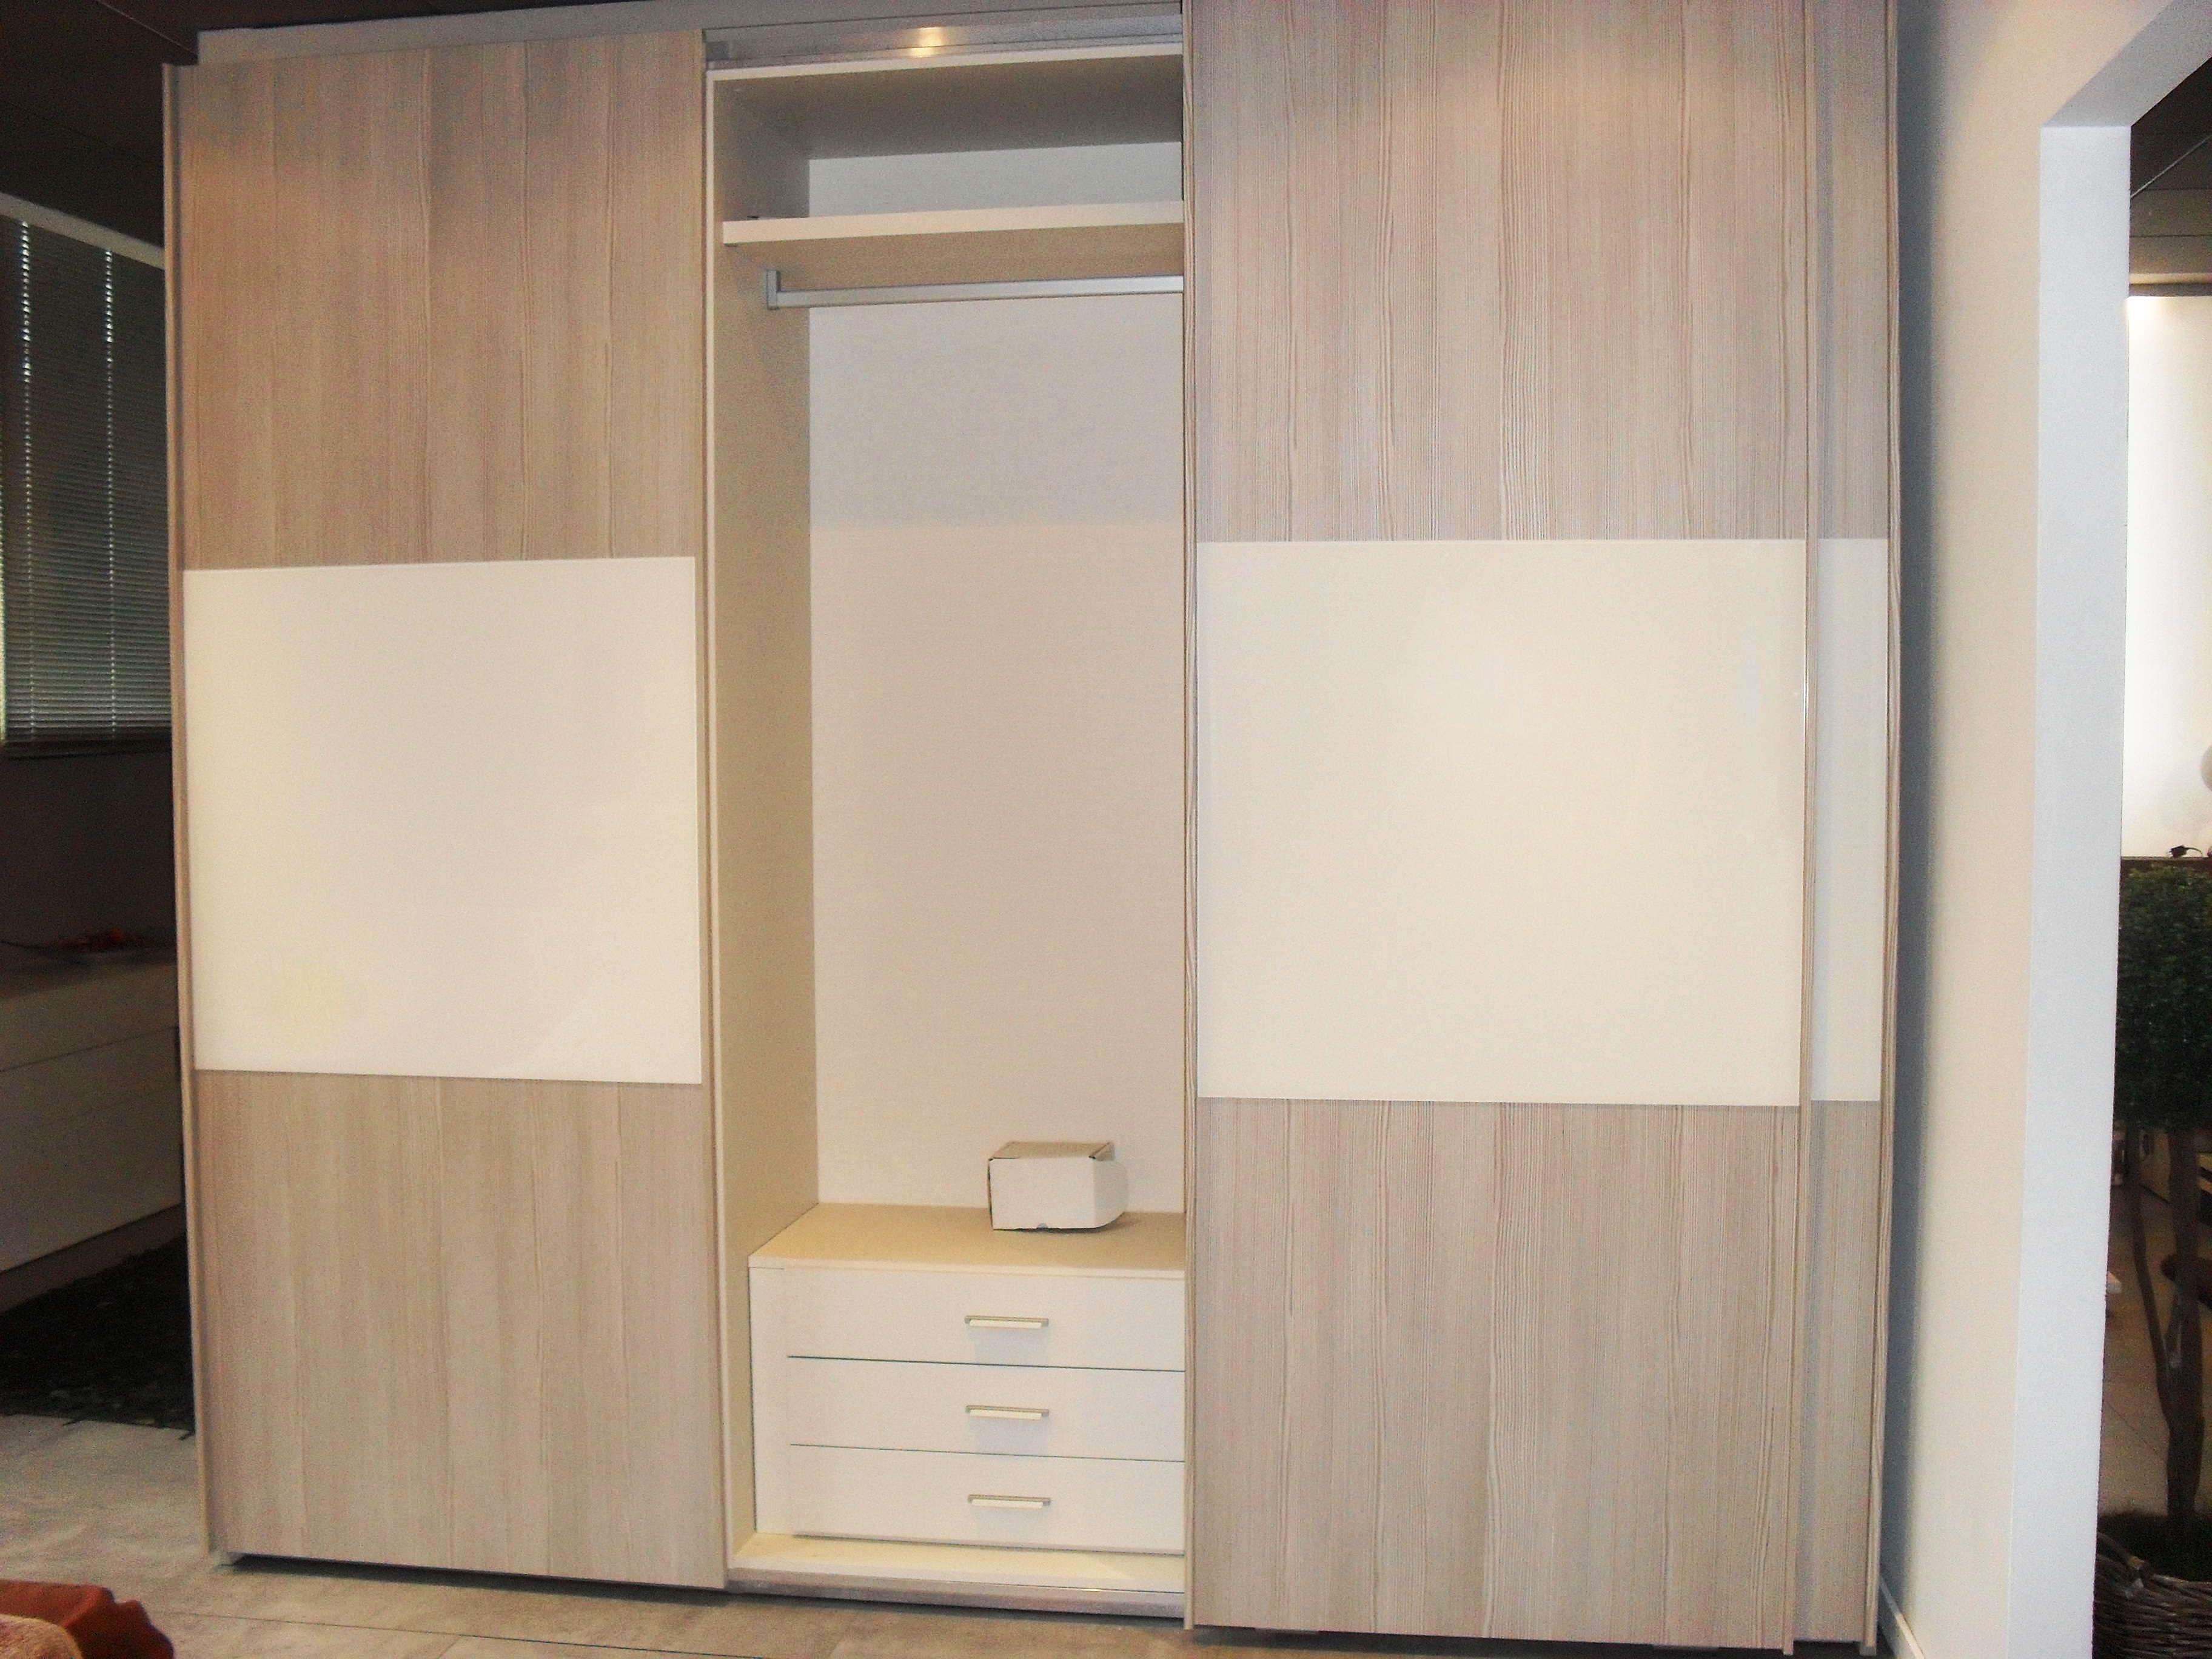 Centrale Colore Bianco Laccato Come Foto Letto Matrimoniale Pictures  #7E684D 3648 2736 Mobiletto Lavandino Cucina Ikea